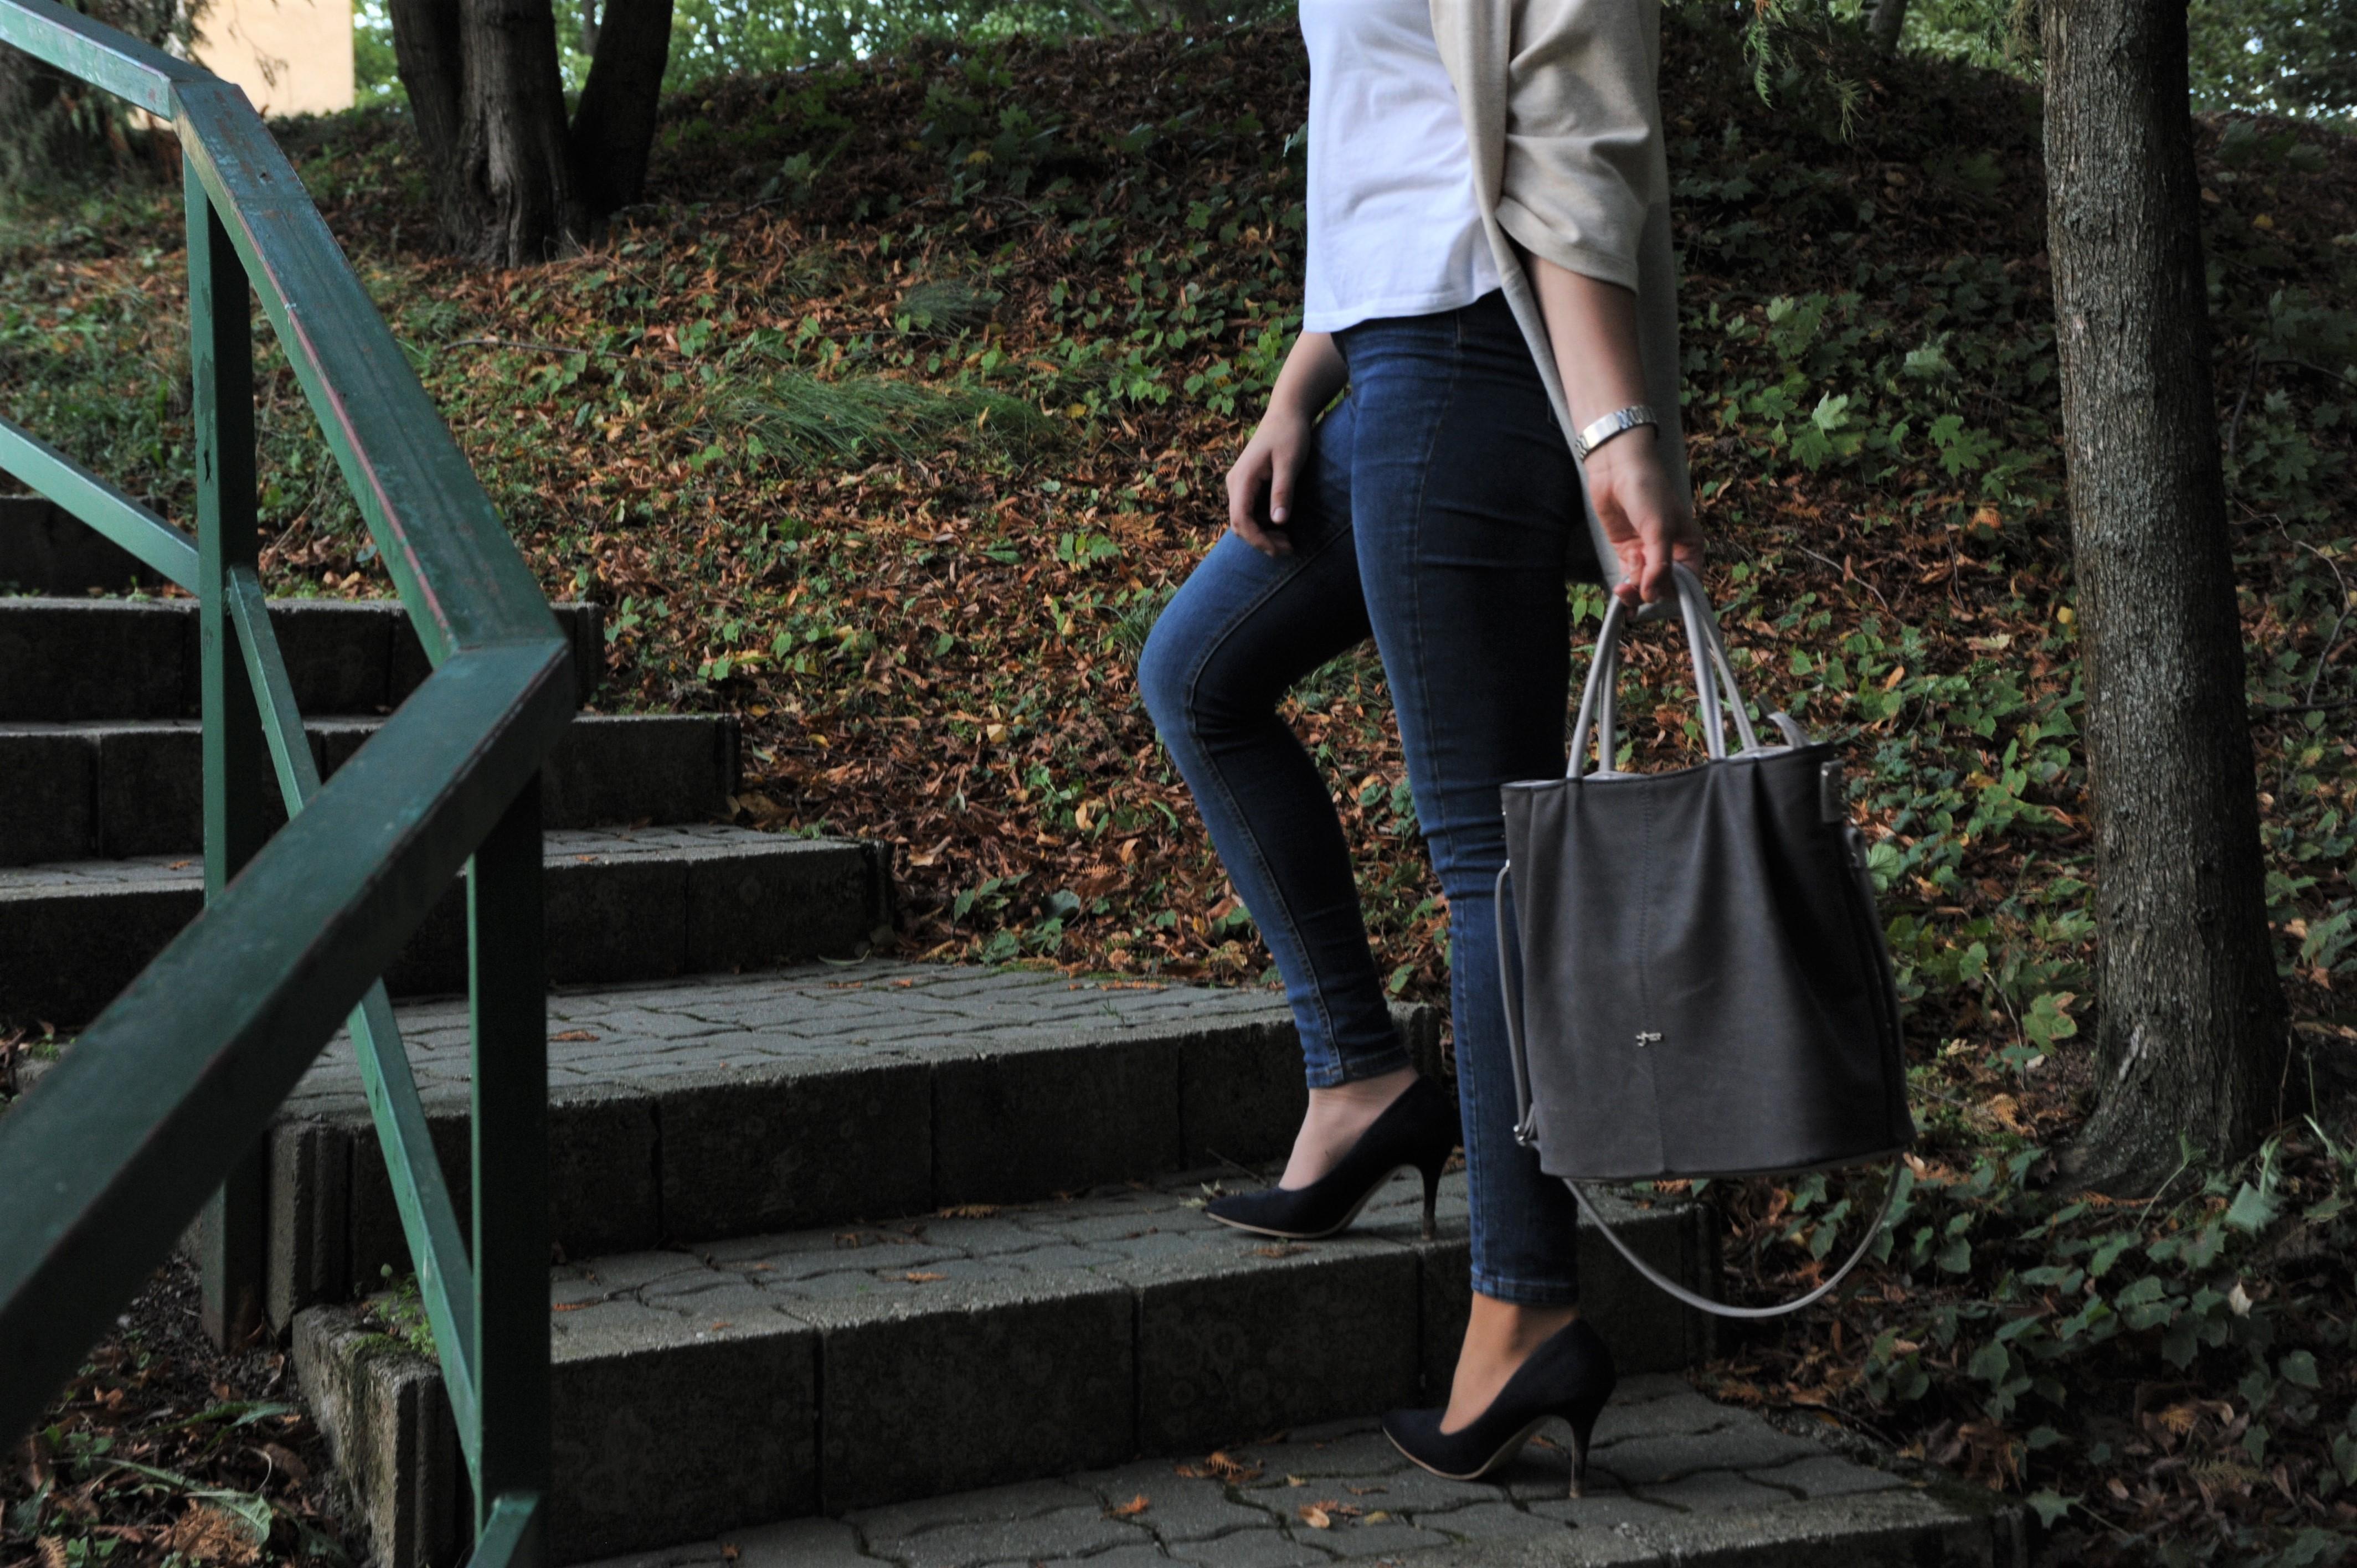 Darček kabelka pre ženu knarodeninám, meninám alebo na Vianoce. – Ilustračné foto: Mirabillis.sk